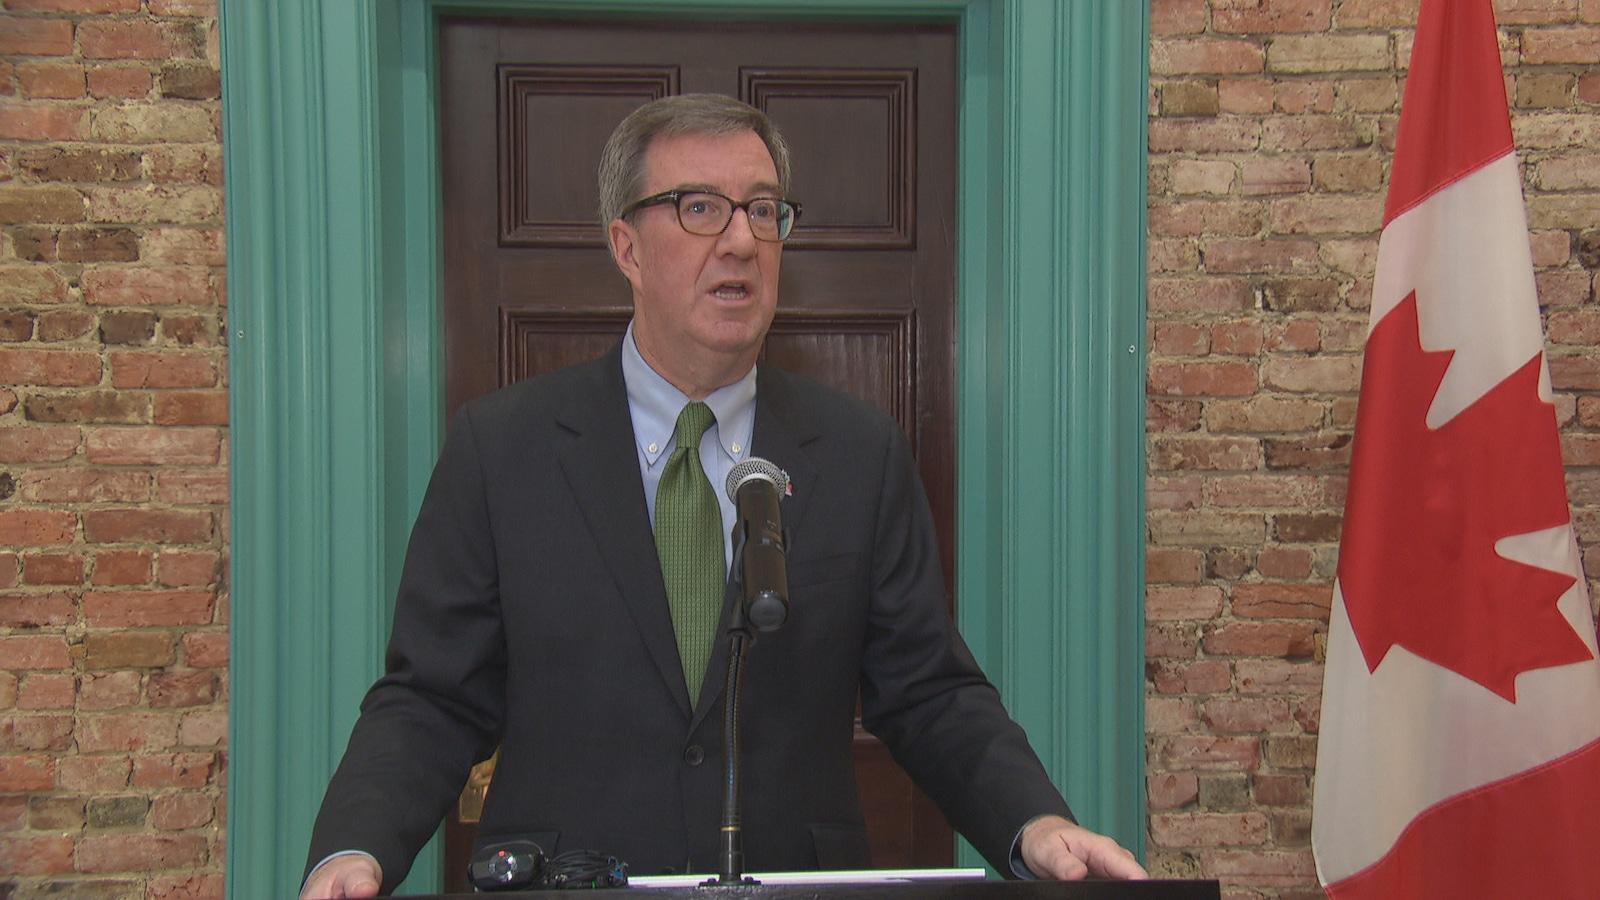 Le maire d'Ottawa a fait un discours pour annoncer les événements à venir en 2017